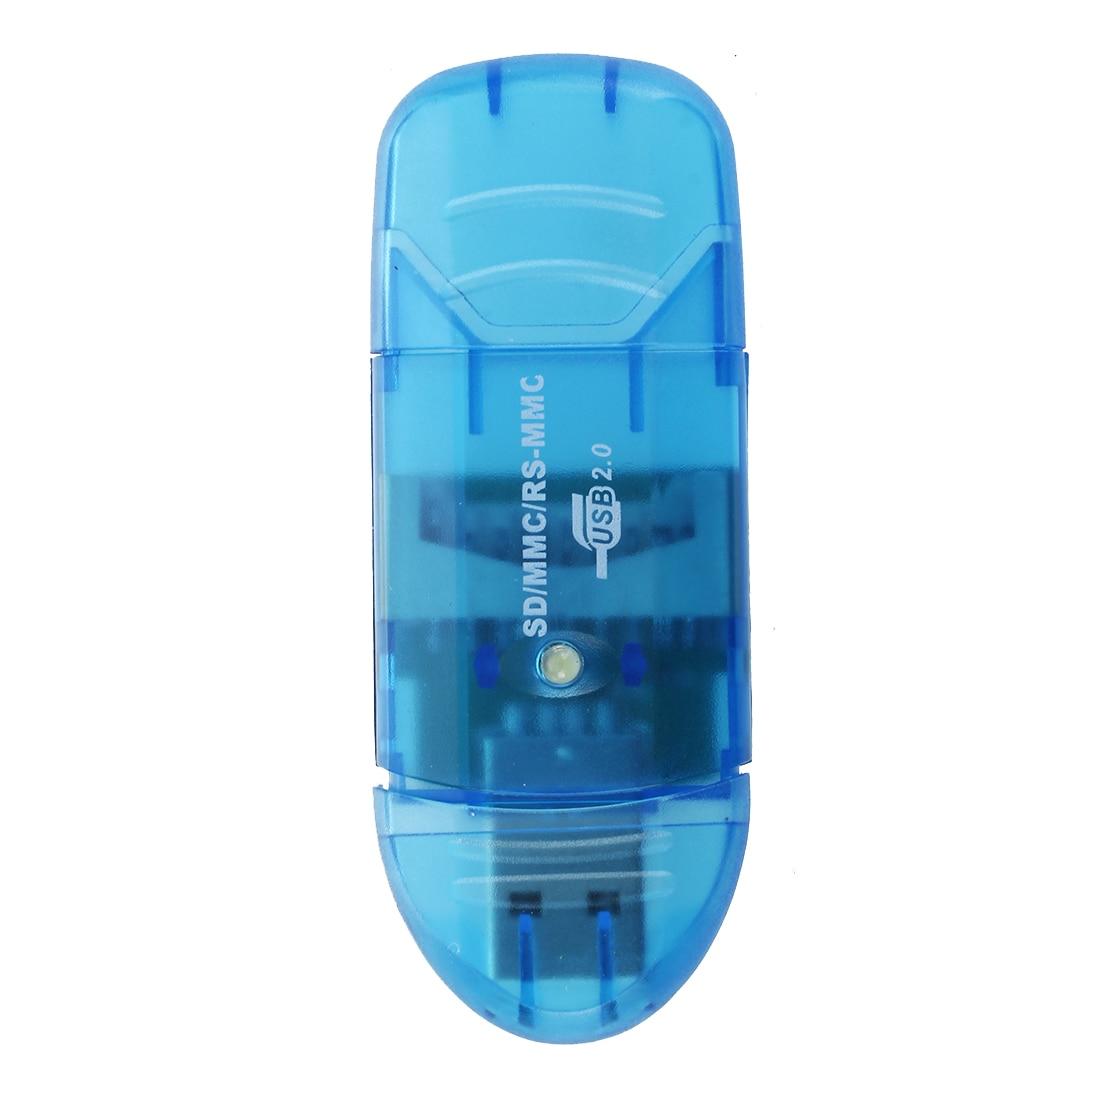 SD HC Card Reader Blue USB Key Format